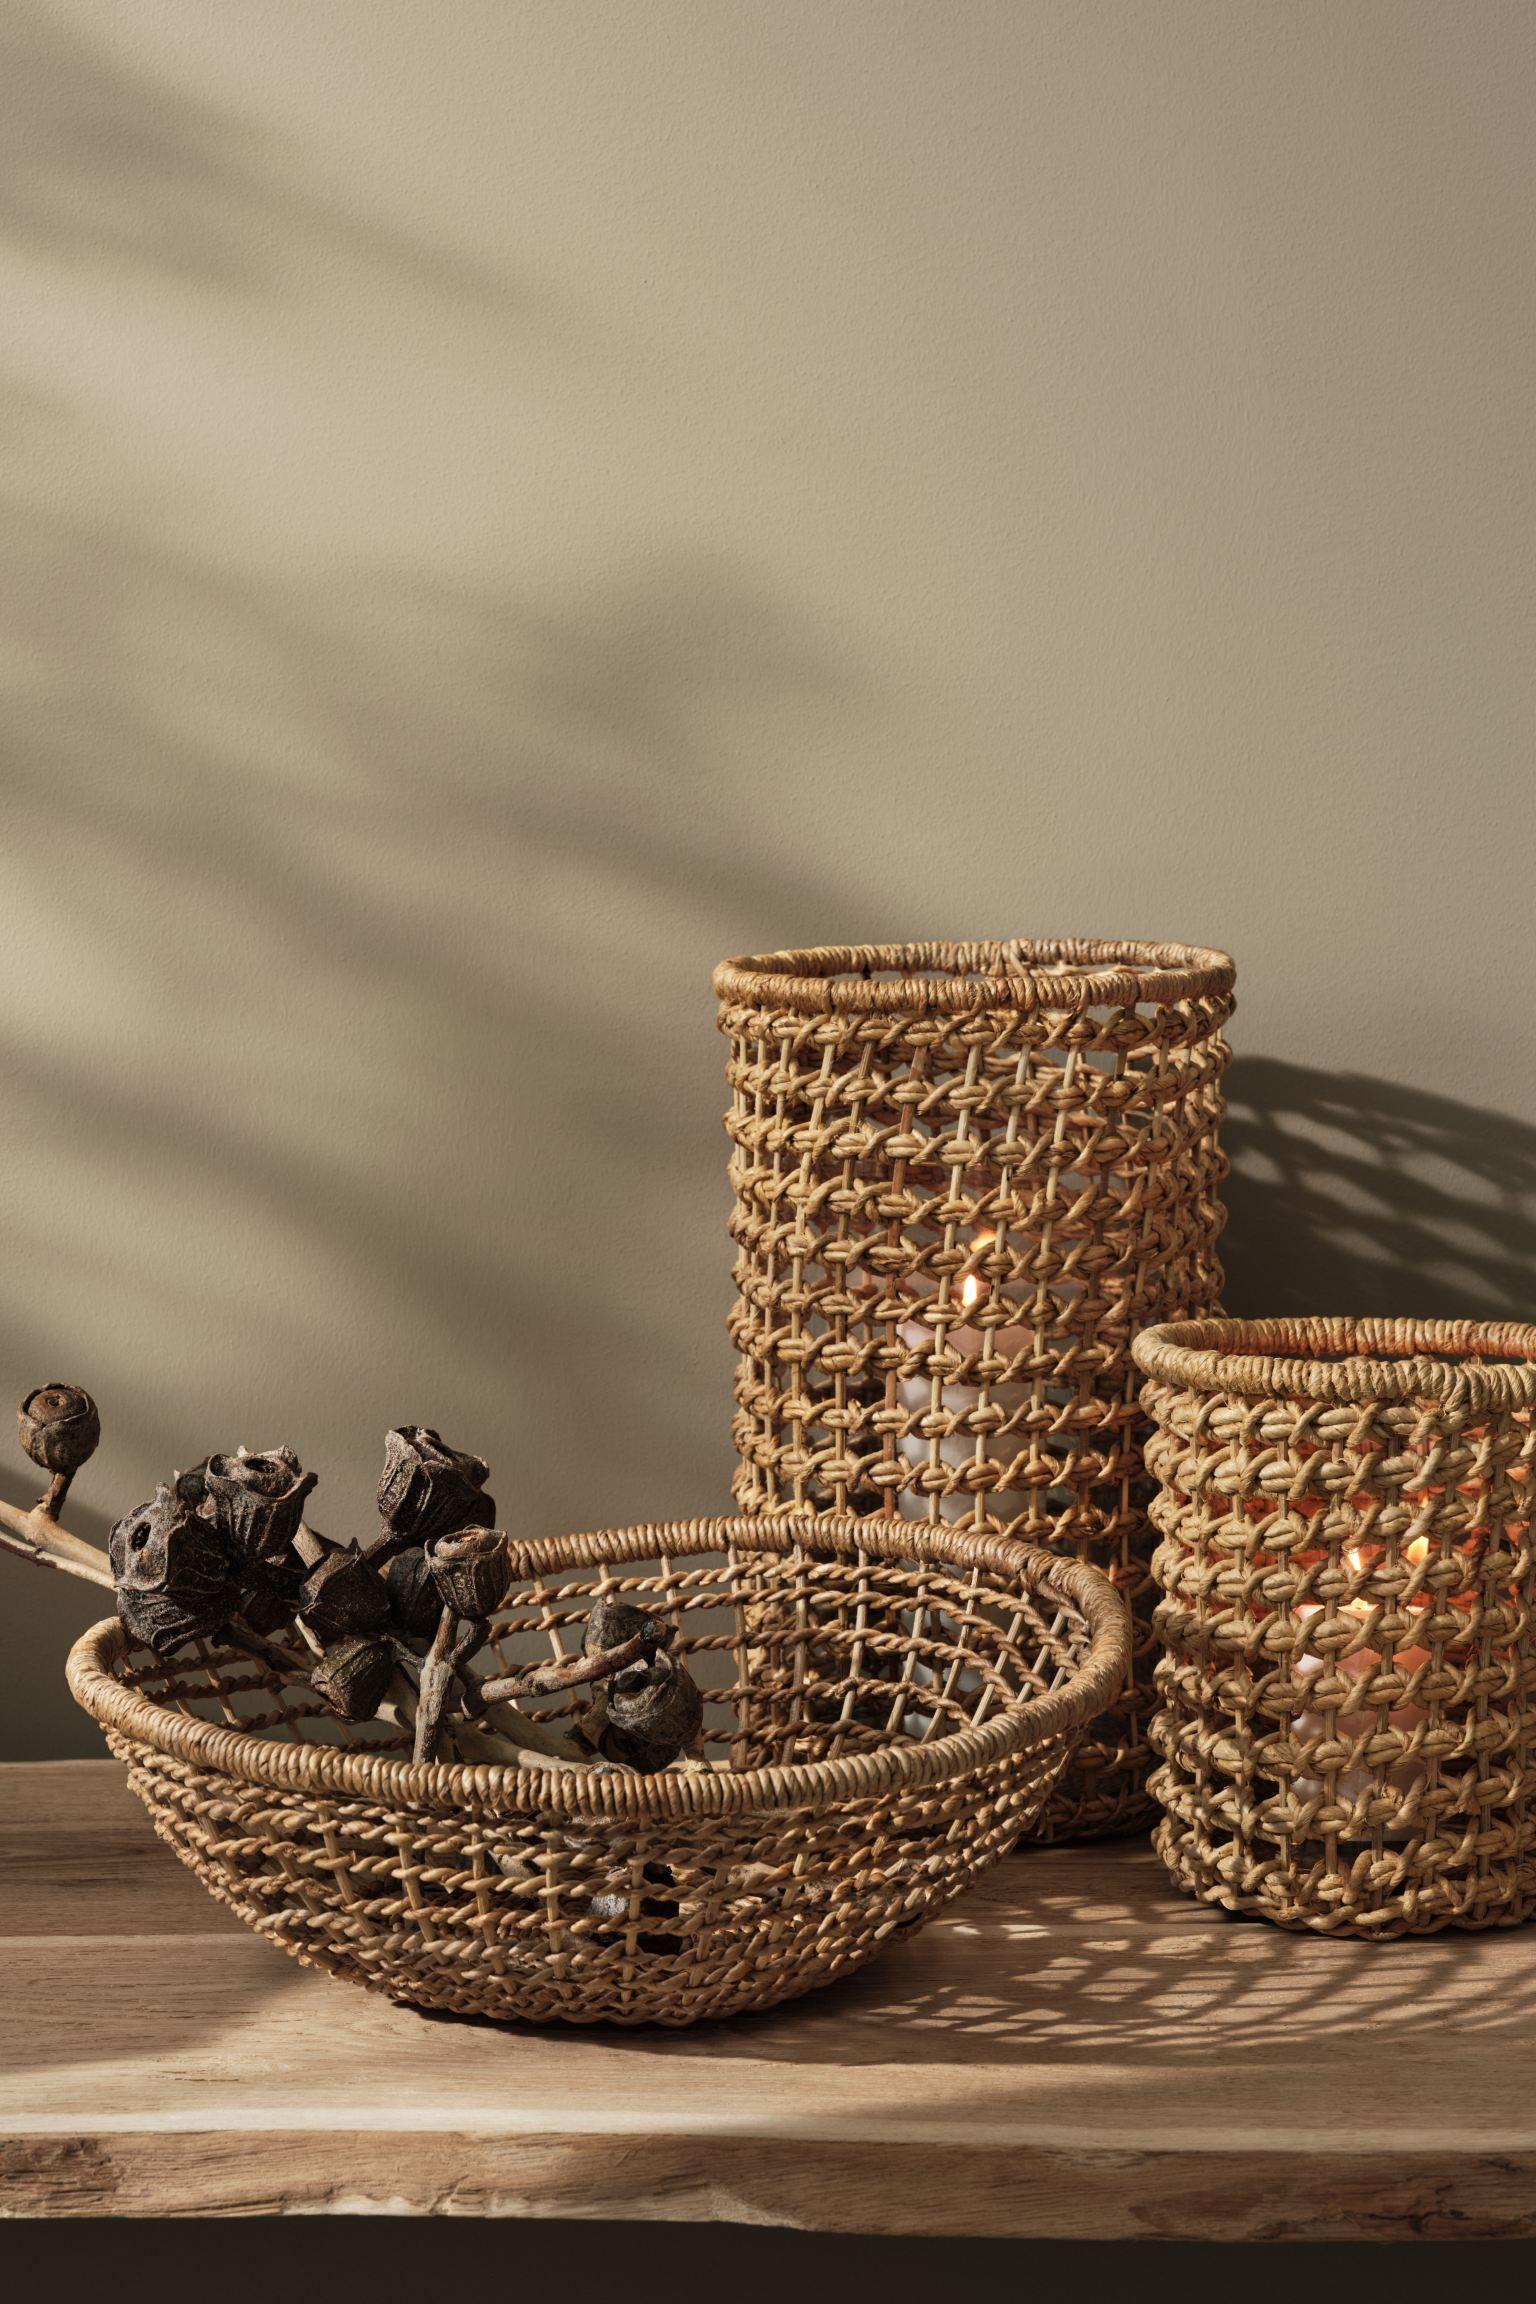 Portavelas artesanal grande en ratán y fibra de plátano trenzados